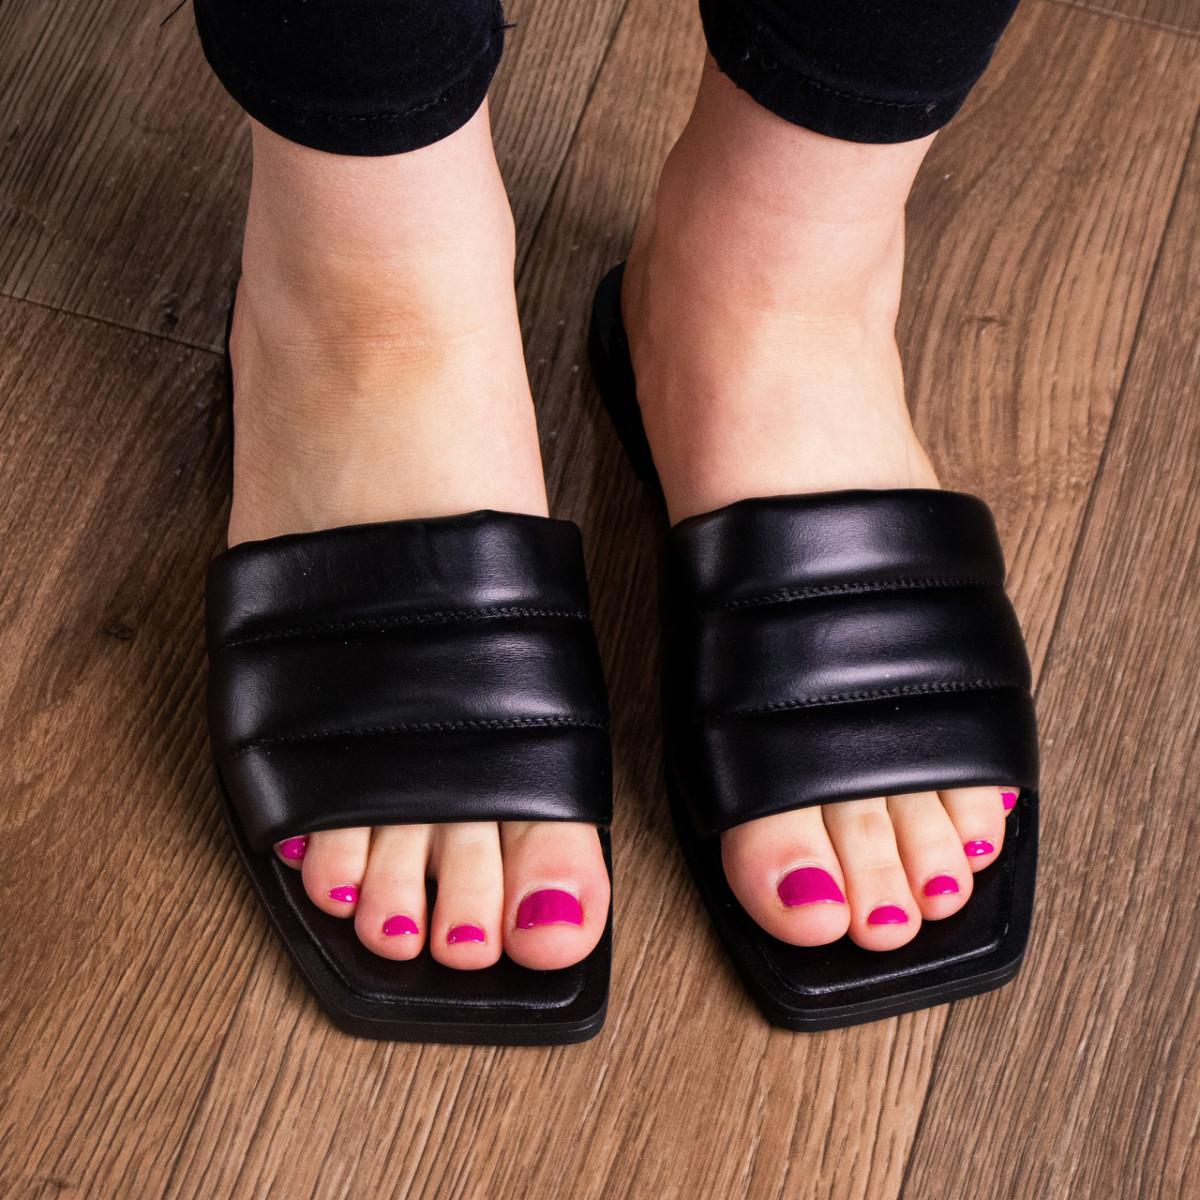 Шлепанцы женские Fashion Isis 2882 36 размер 23,5 см Черный